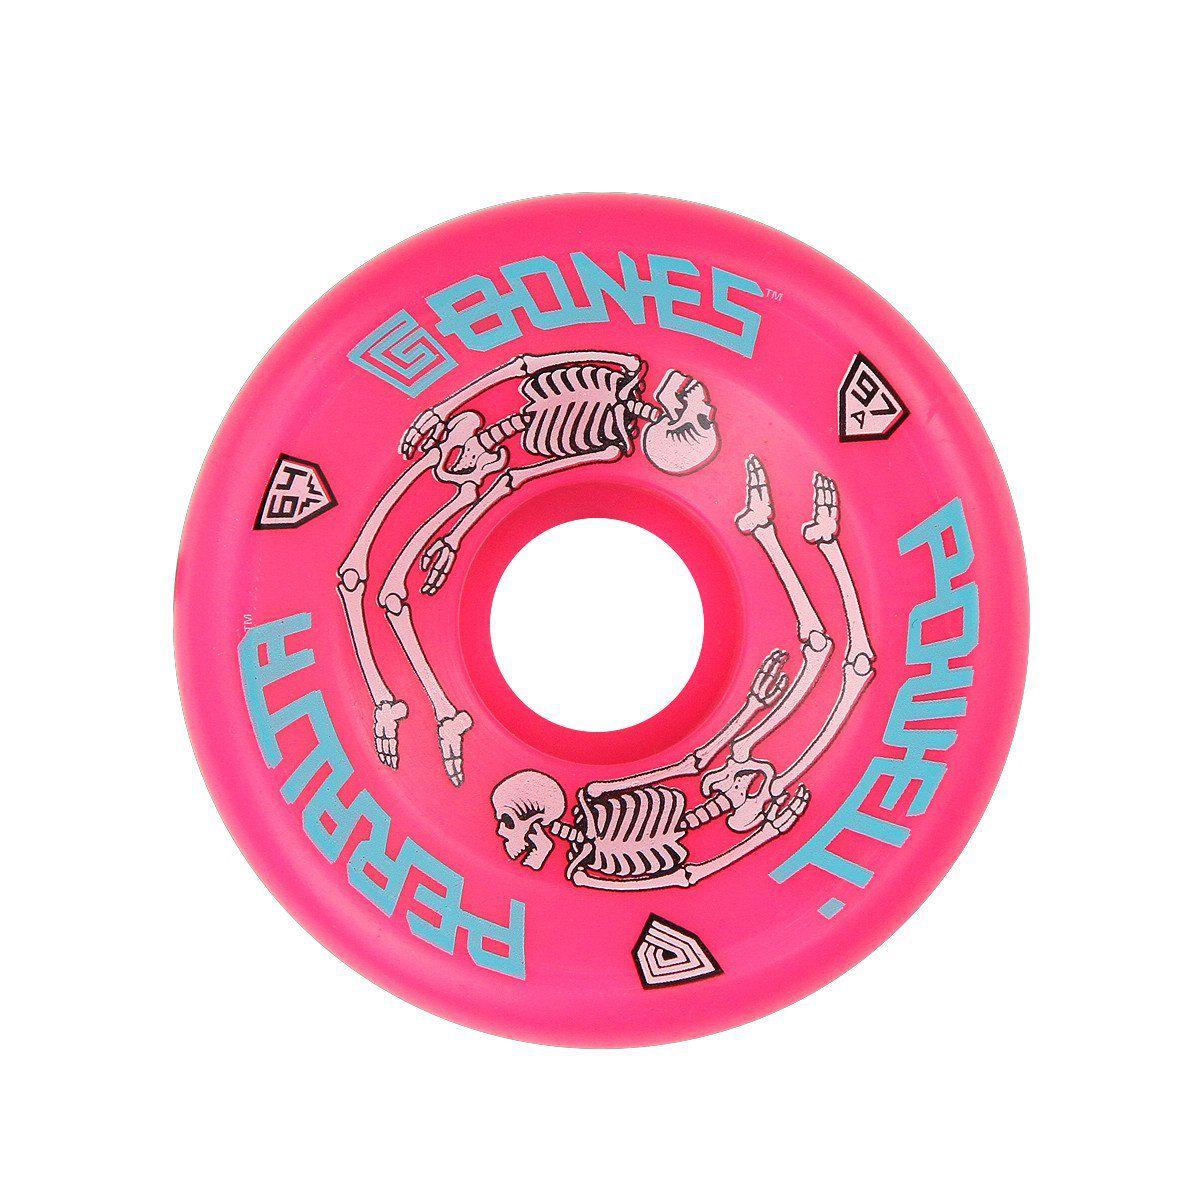 Roda Powell Peralta G Bones Pink 64mm 97a